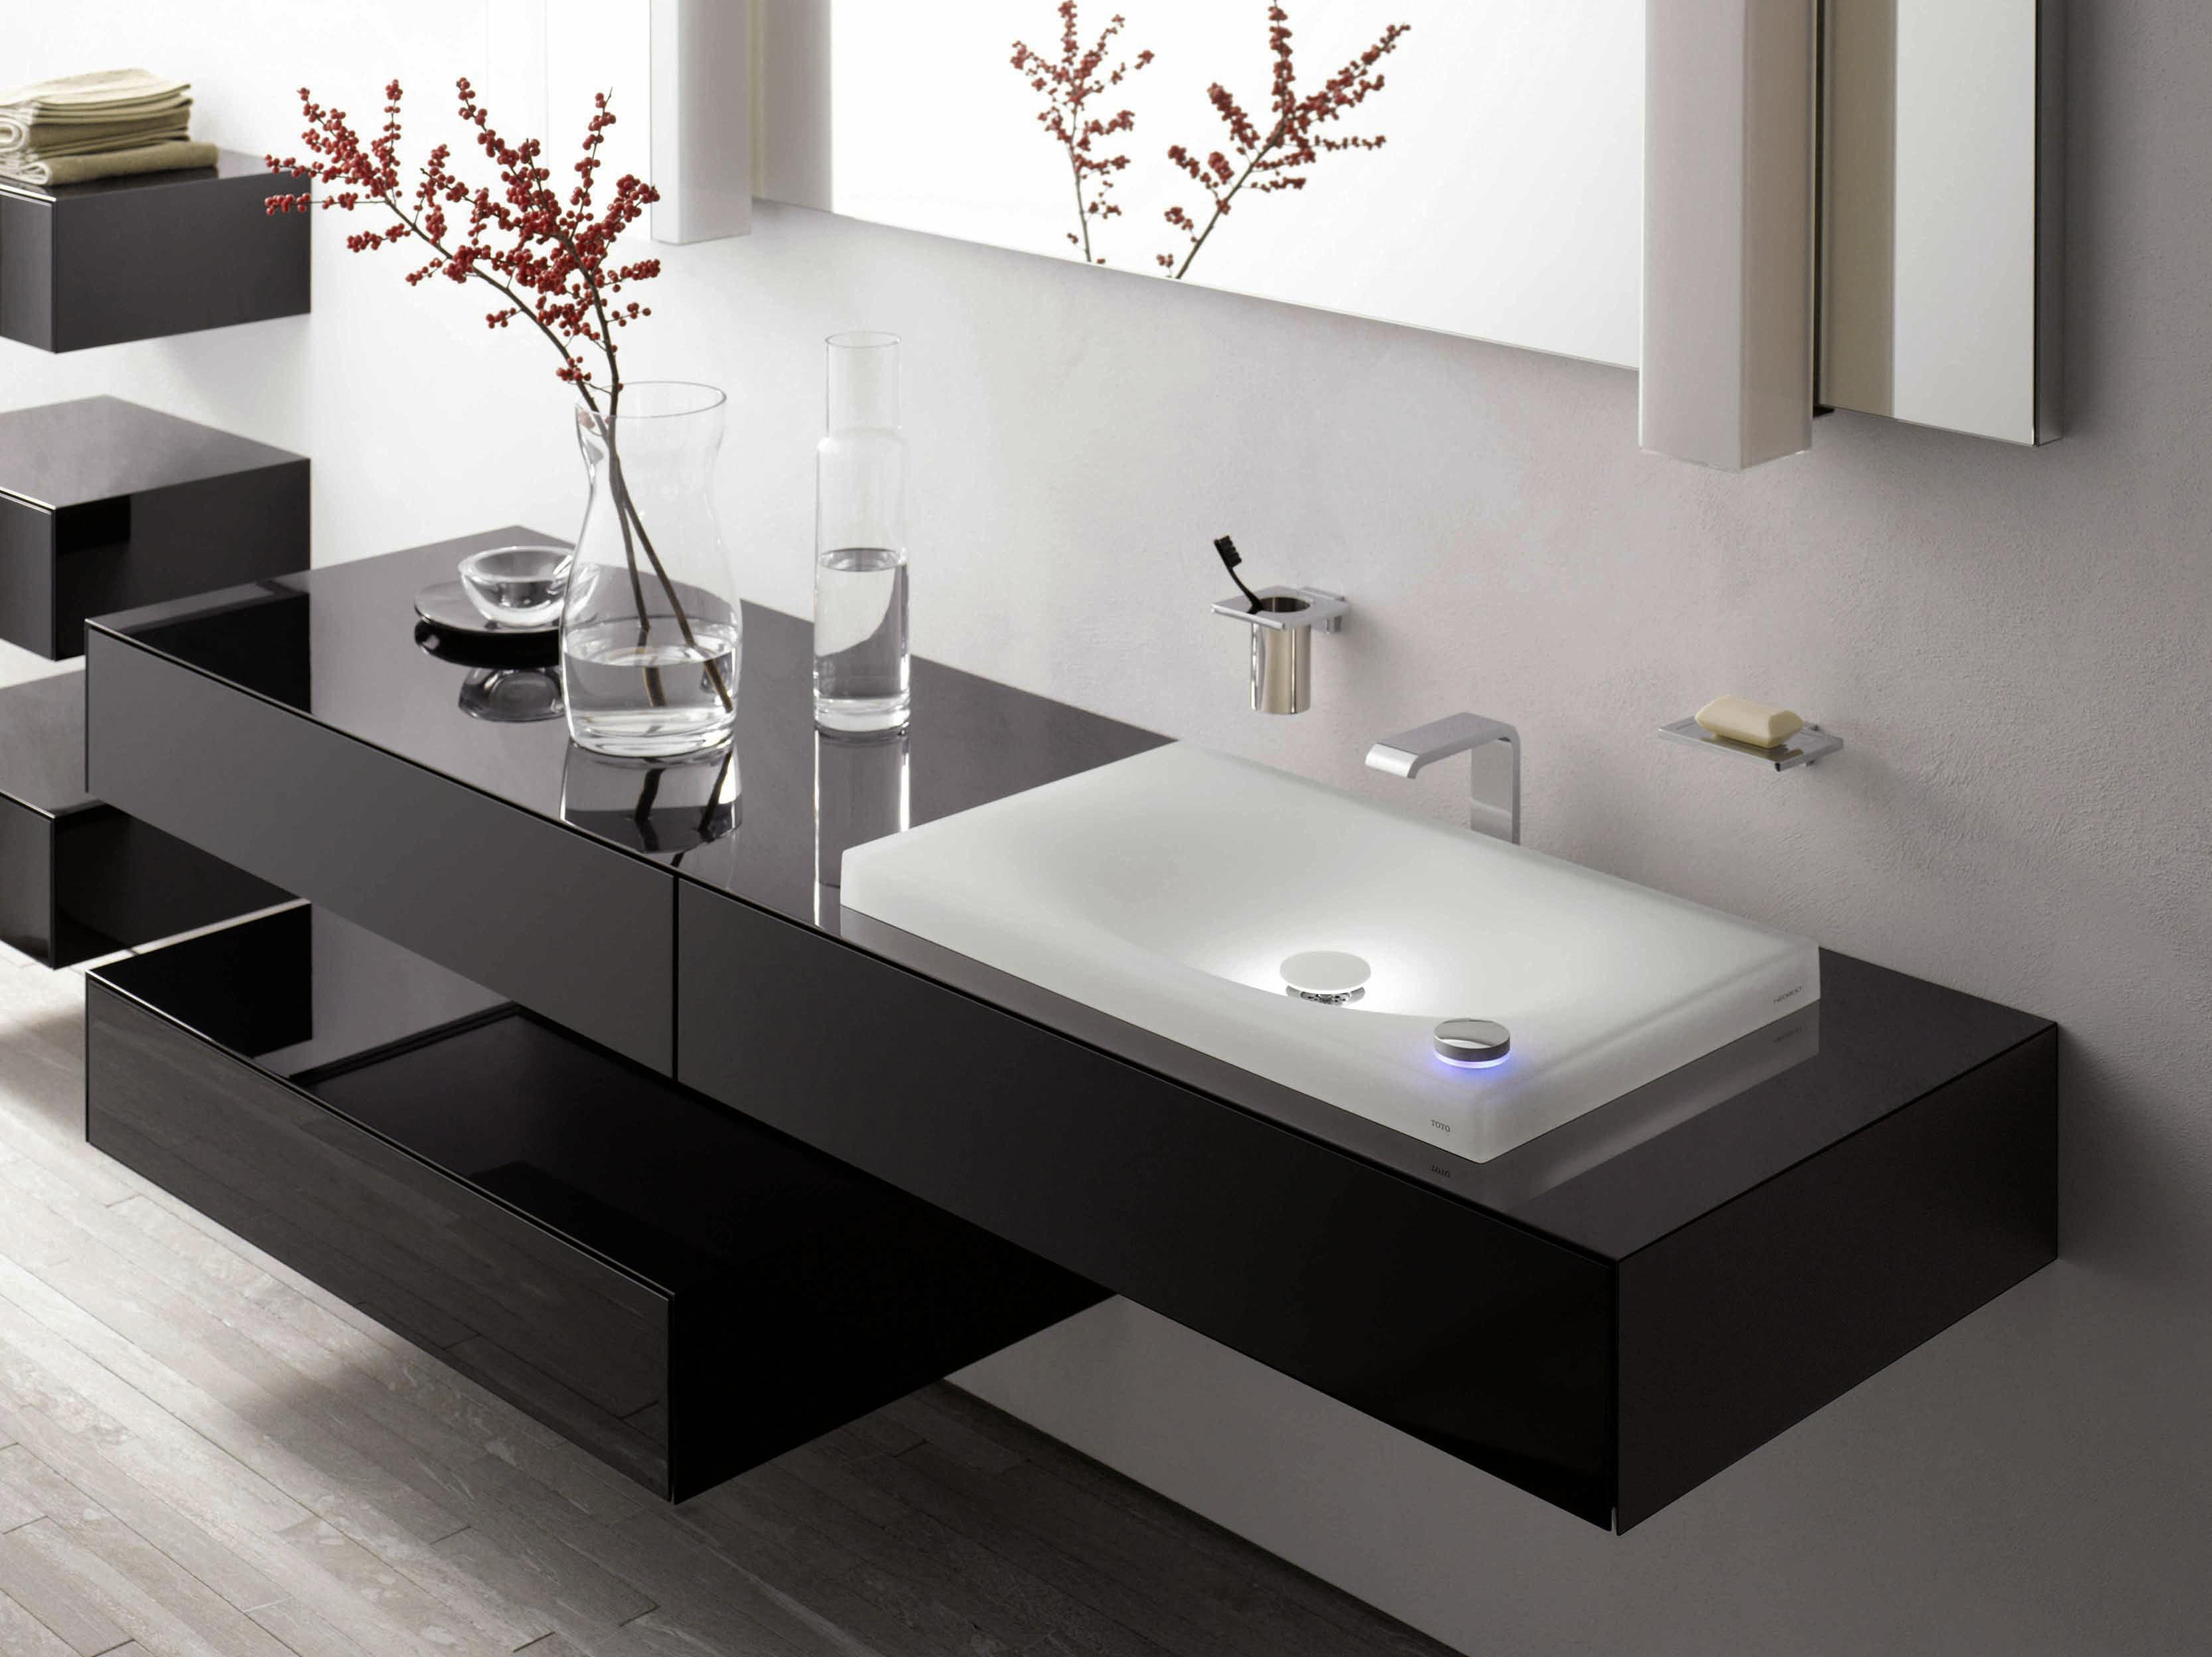 Toto Badmöbel   Muebles baño moderno, Muebles de baño, Moderno y minimalista